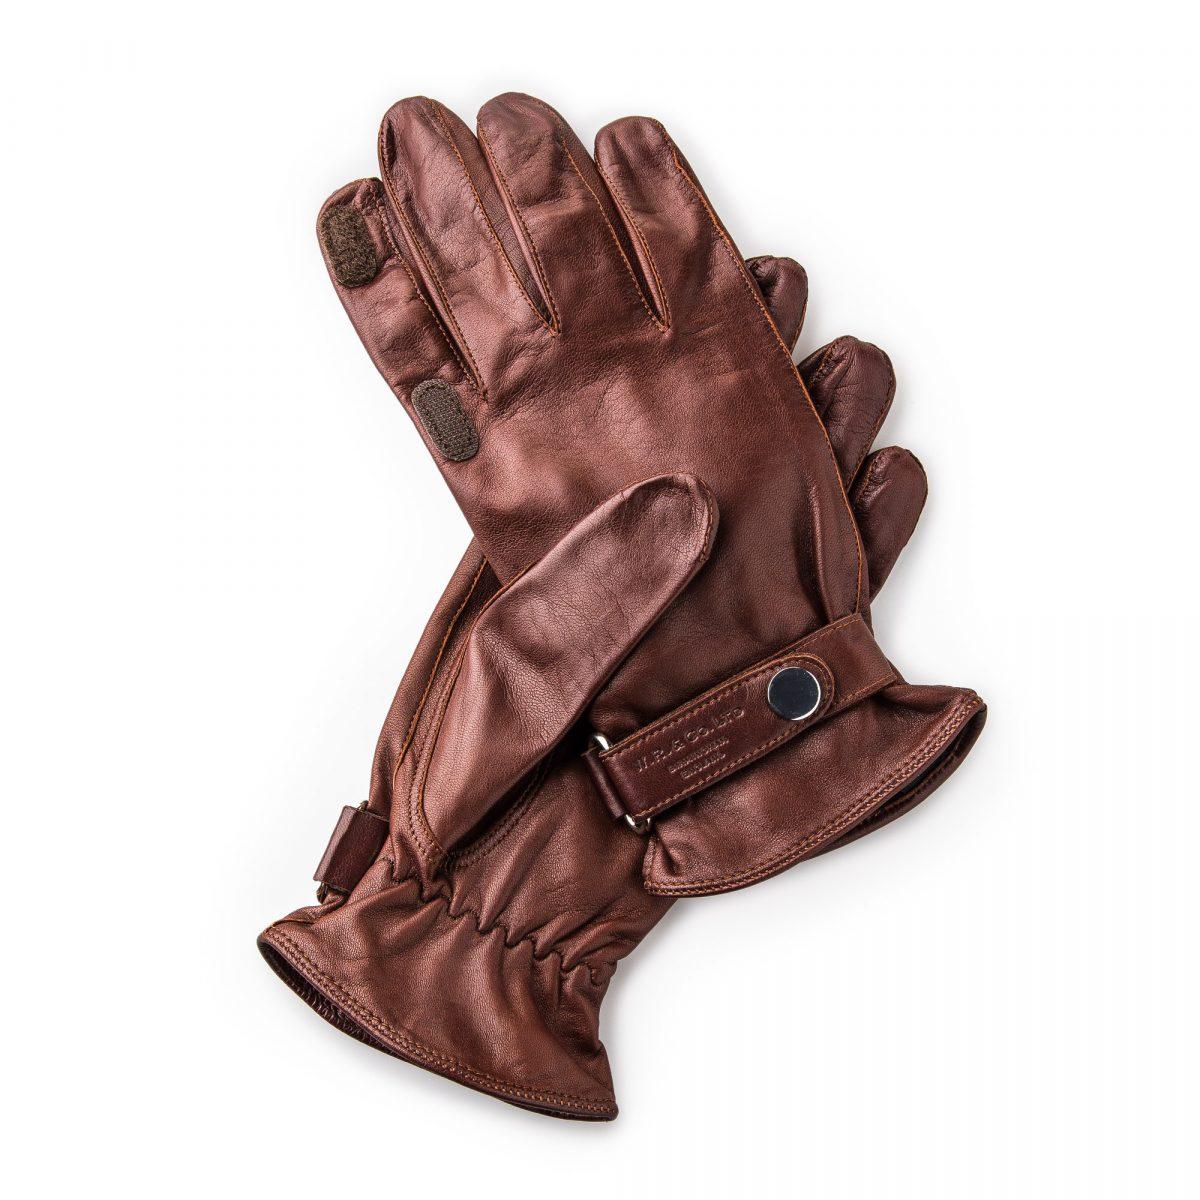 wr_co_gloves-14974-edit_1